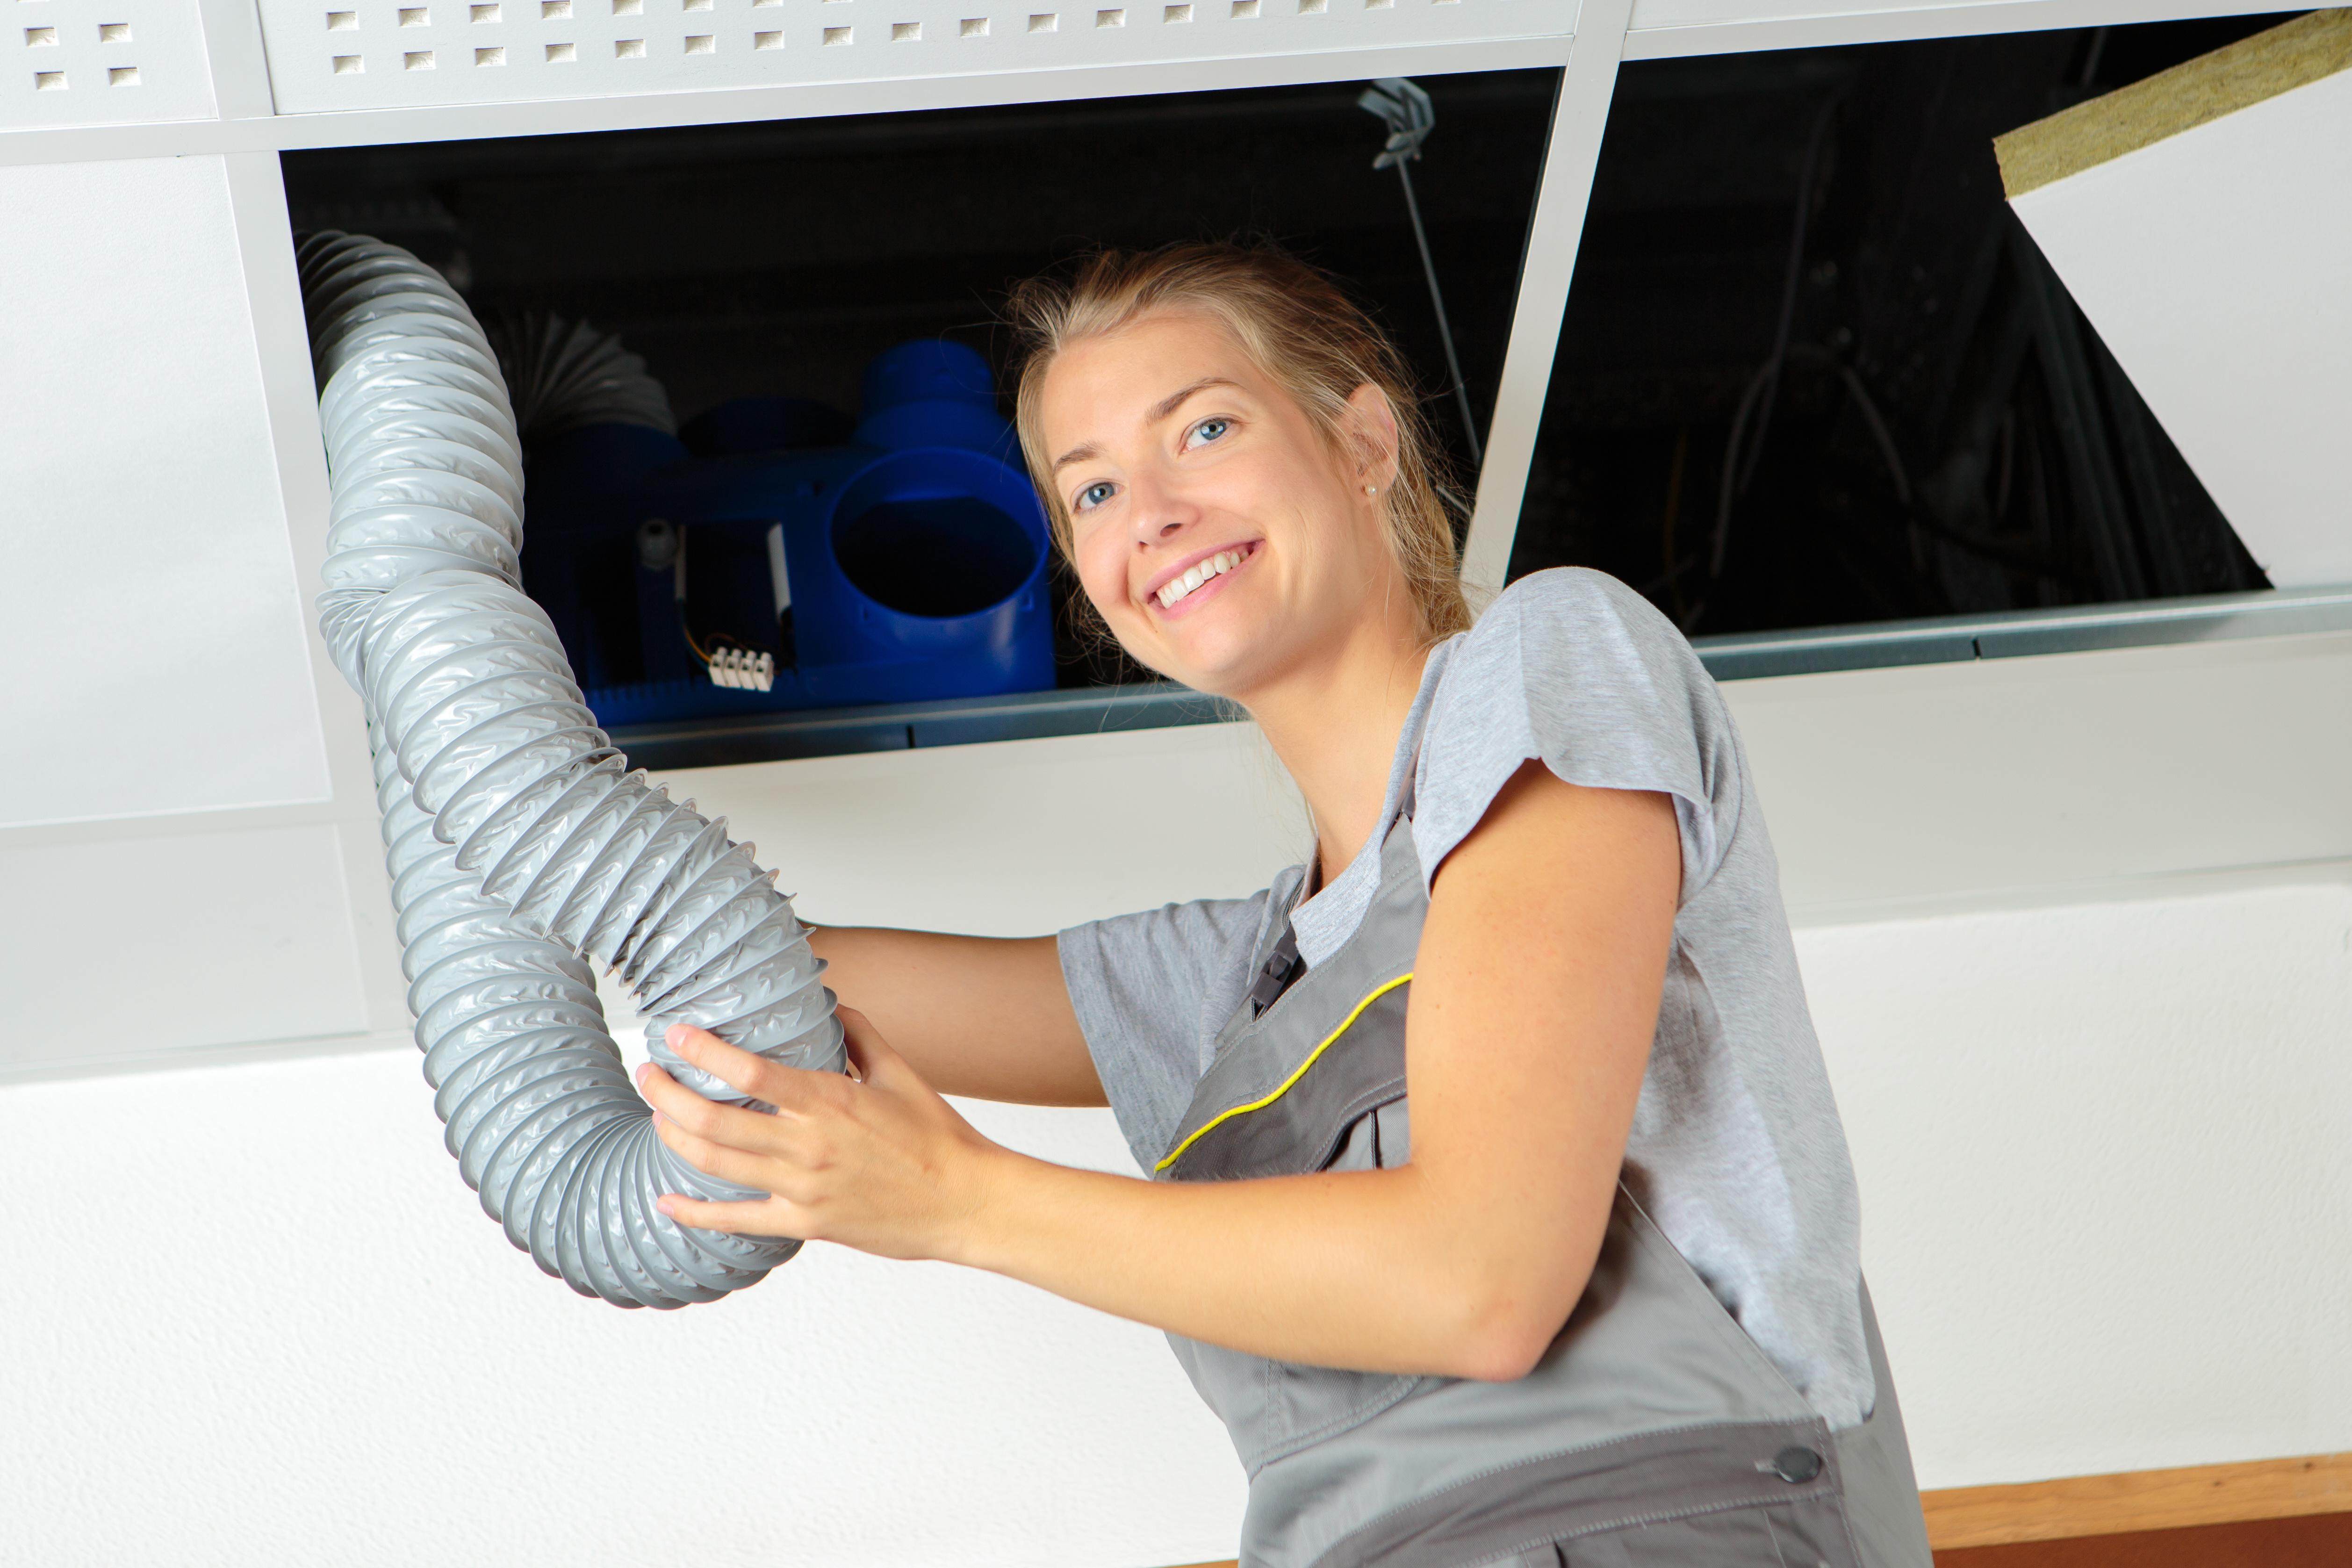 entreprise-compagnie-expert-nettoyage-conduit-ventilation